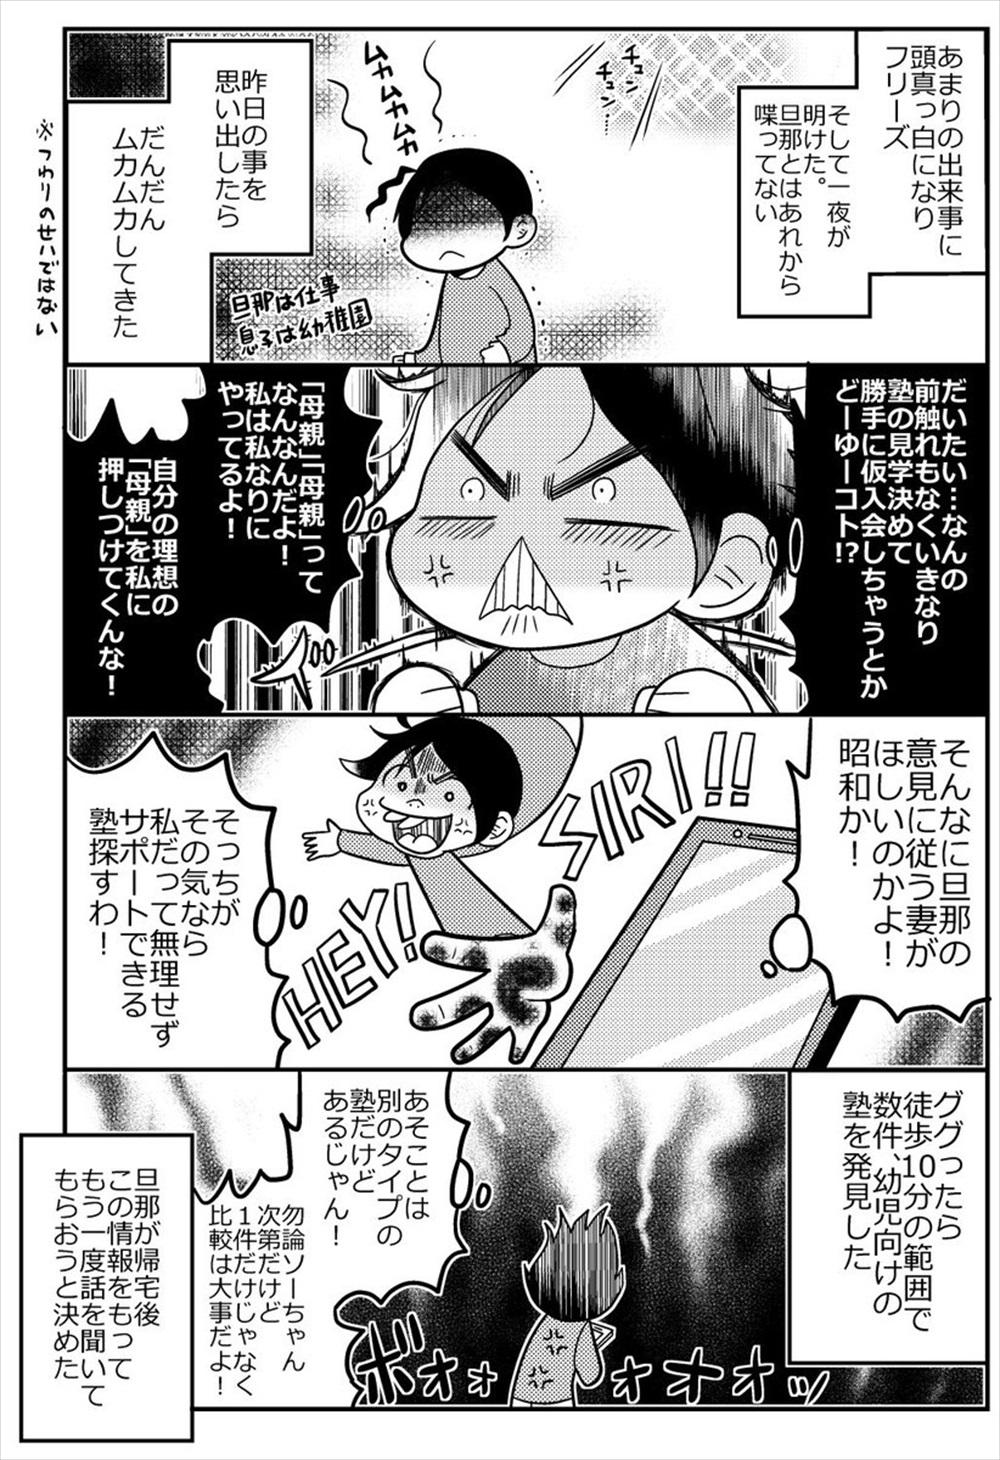 育児漫画6